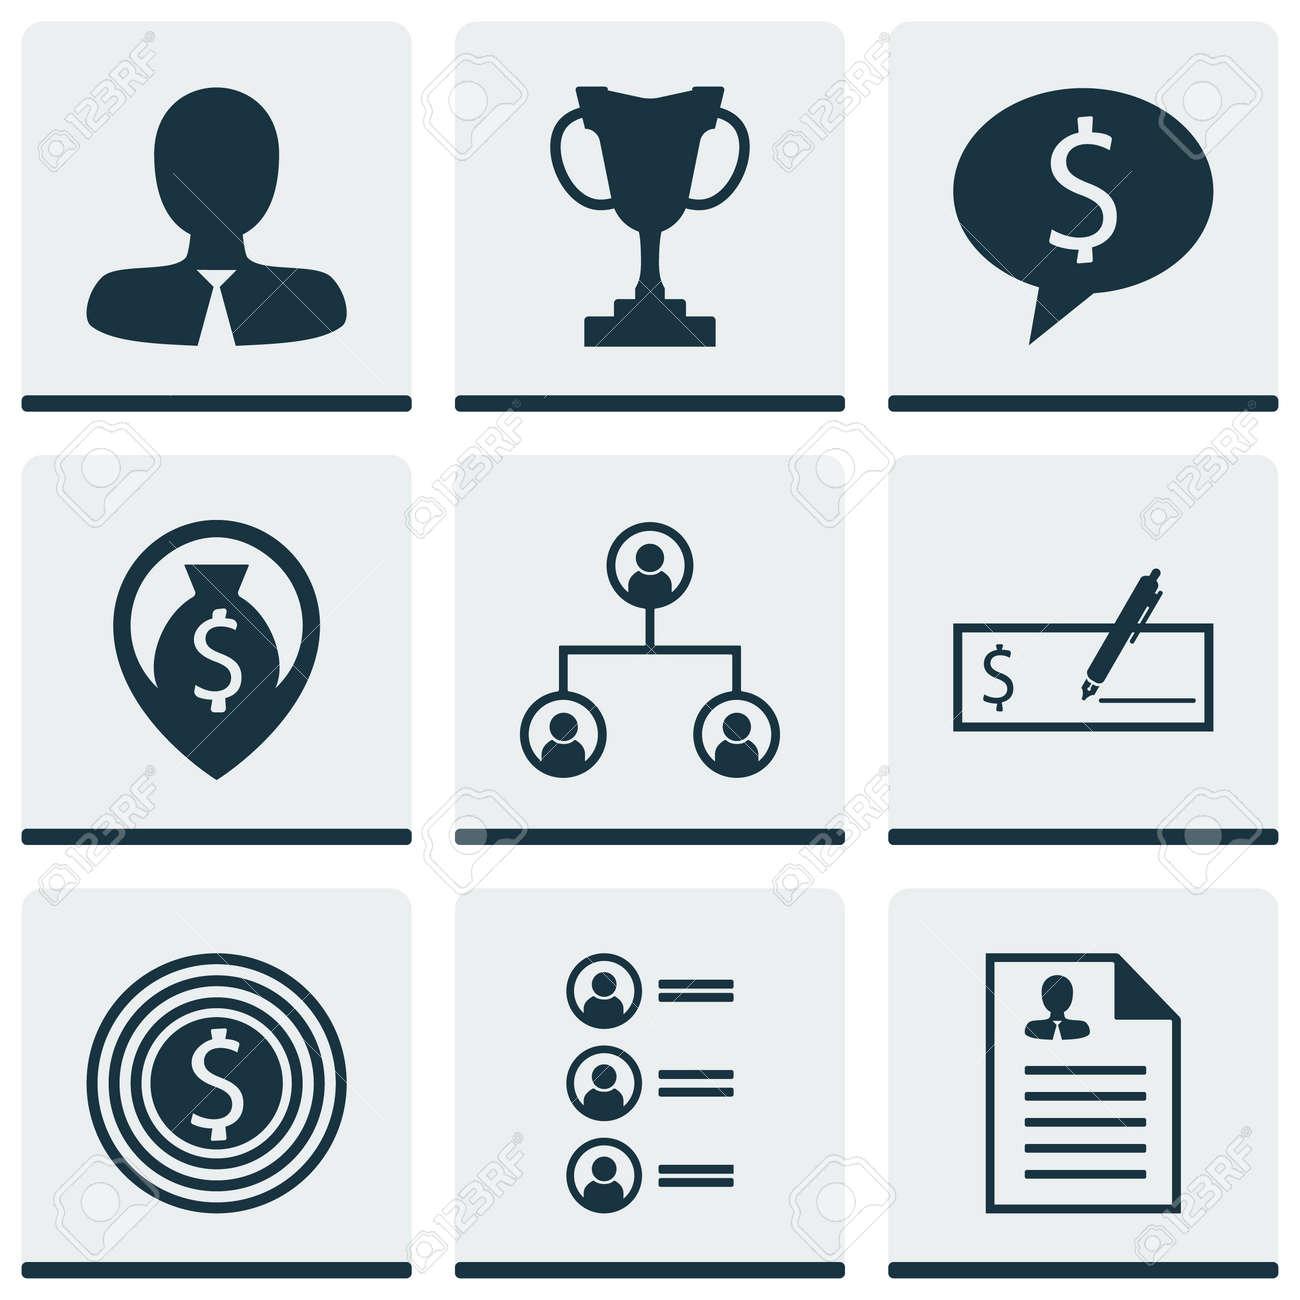 Conjunto De Iconos De Gesti³n De Pago Bancario Curriculum Vitae Y